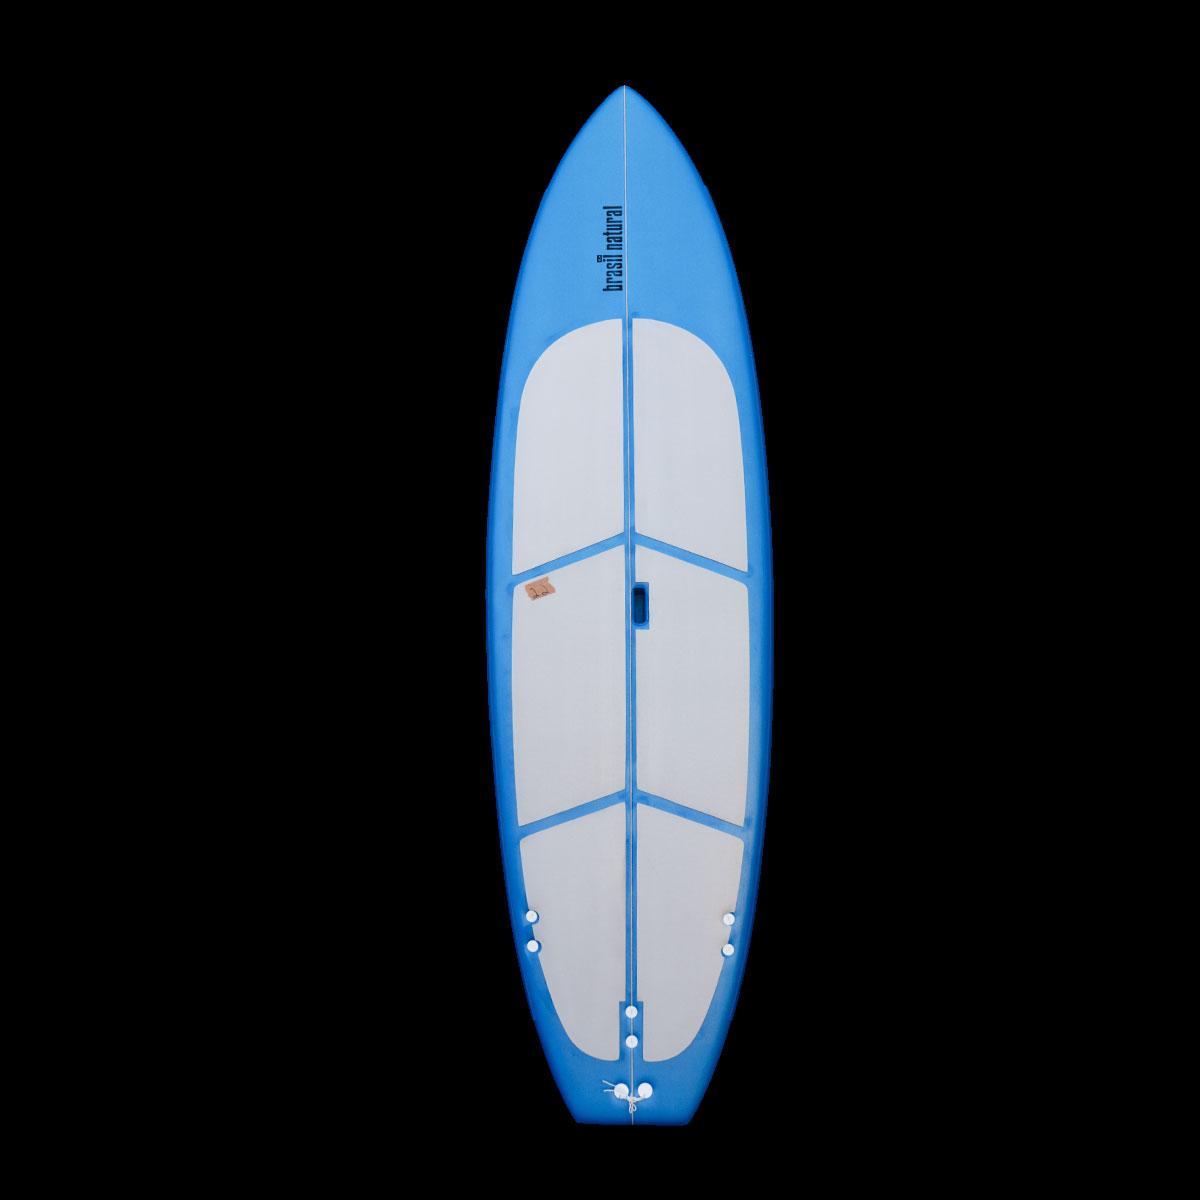 SUP 10 pés soft + kit remada outlet 22